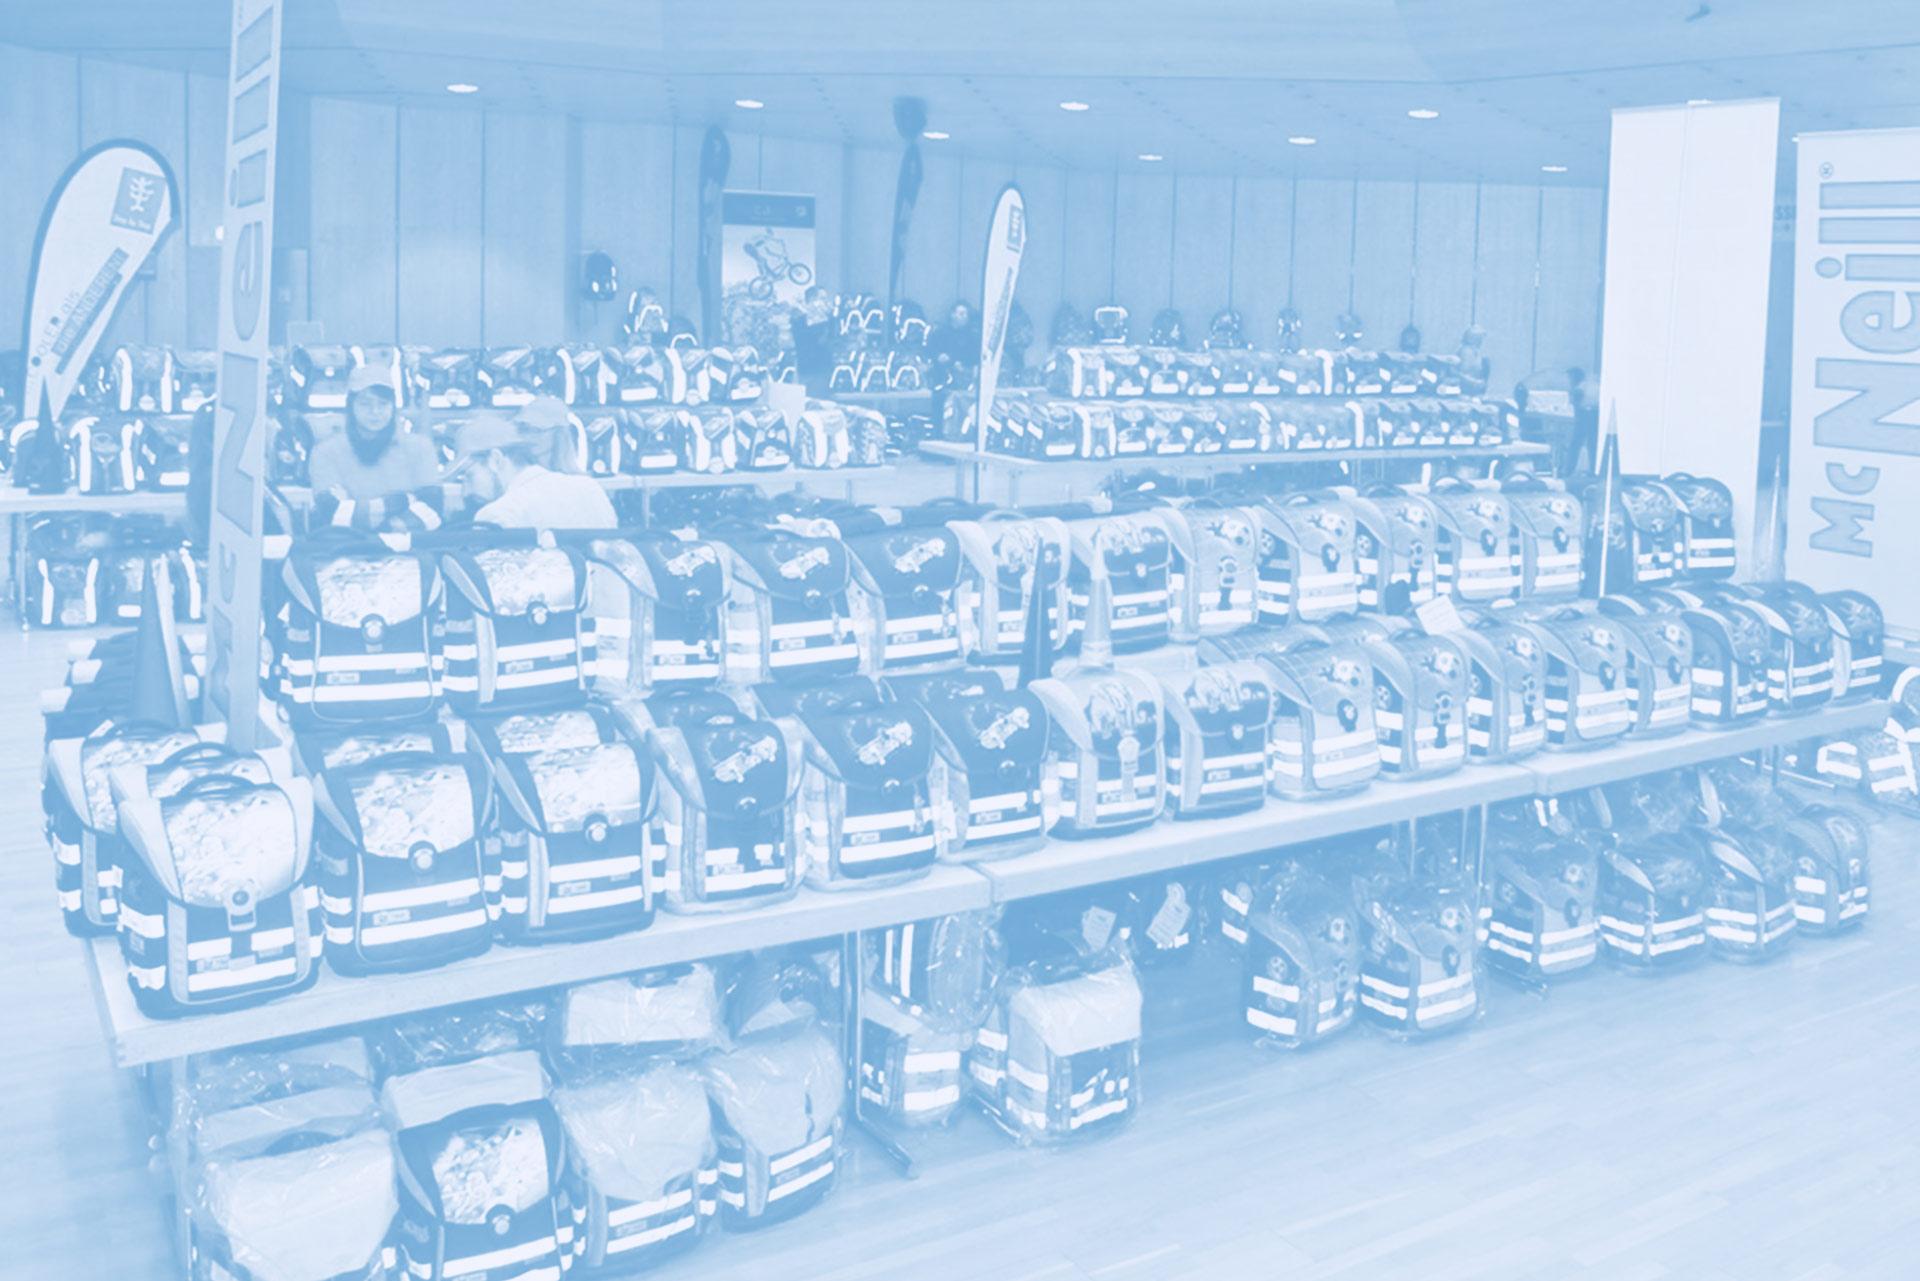 Schulranzenmesse-Erding-BG-home